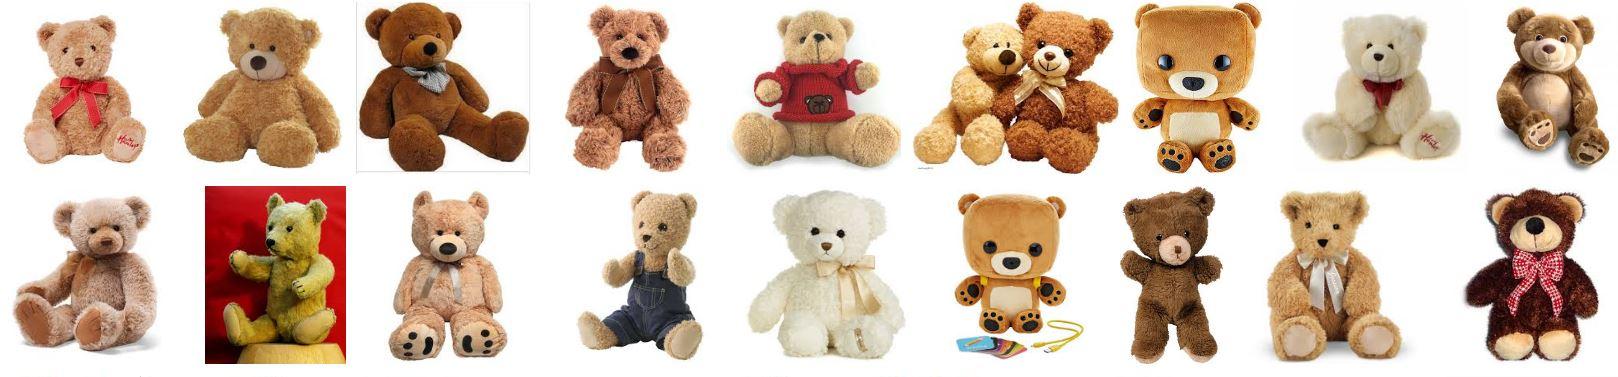 Adorable Bears